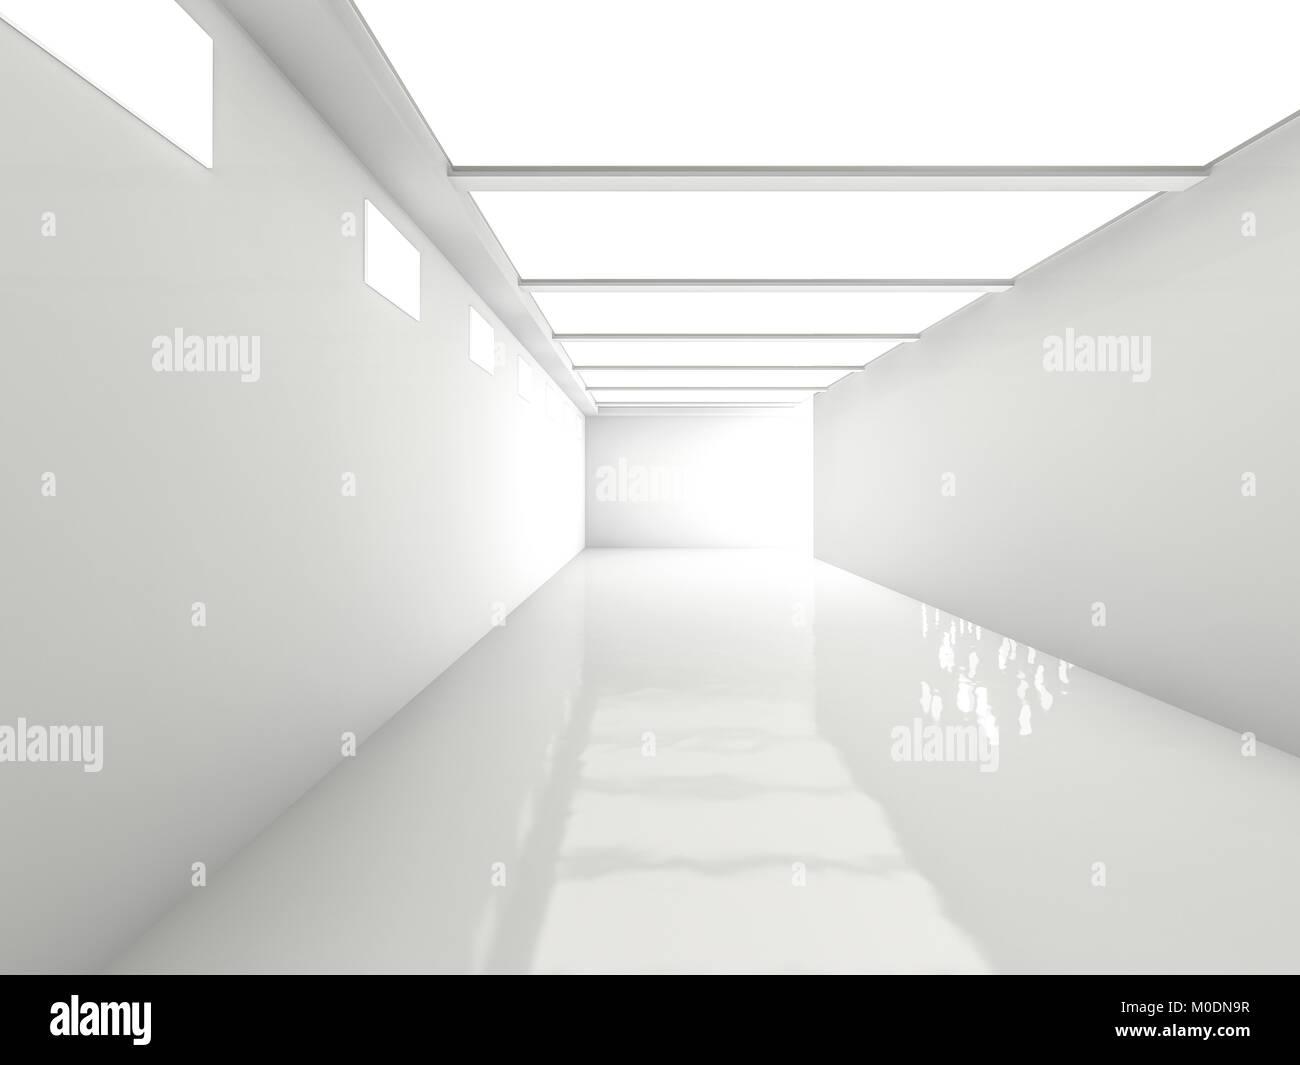 Abstrakte Moderne Architektur Hintergrund Leeren Raum 3d Rendering